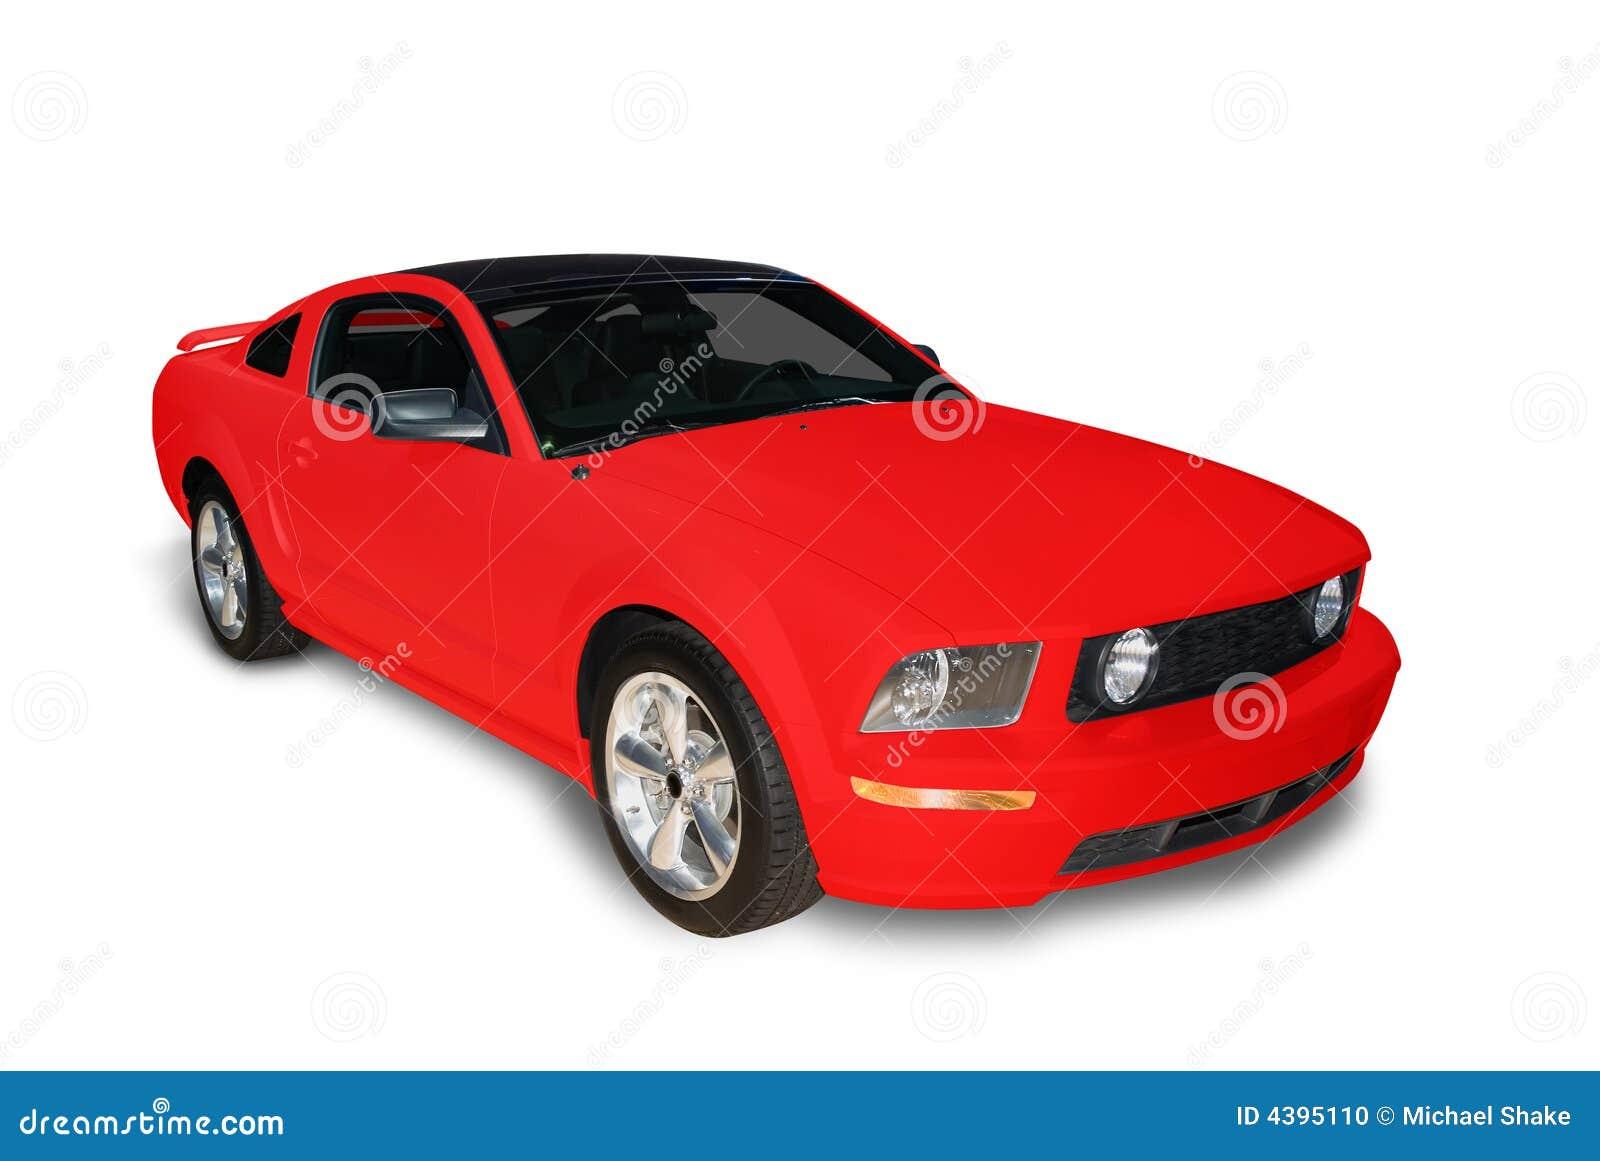 No Credit Check Car Lots >> Red Sports Car Stock Photo - Image: 4395110